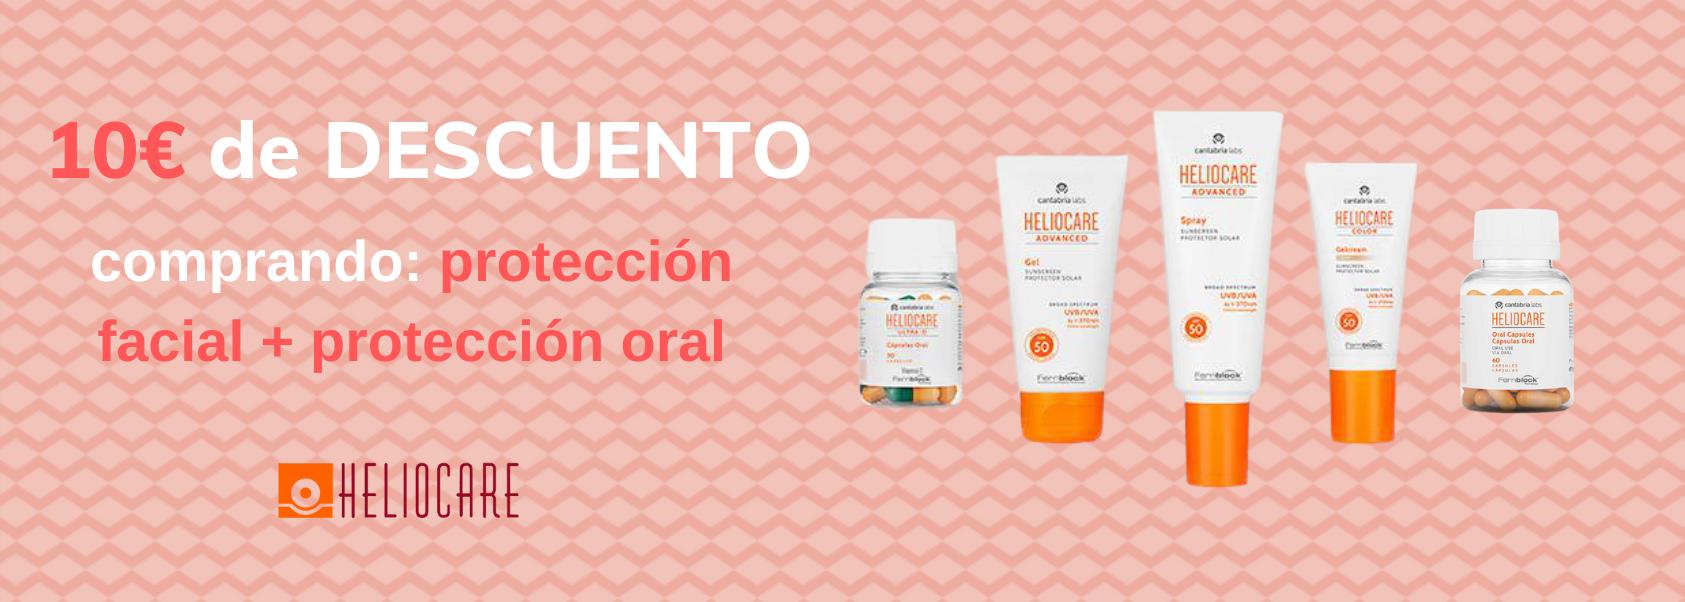 Heliocare proteccion solar facial + protección oral